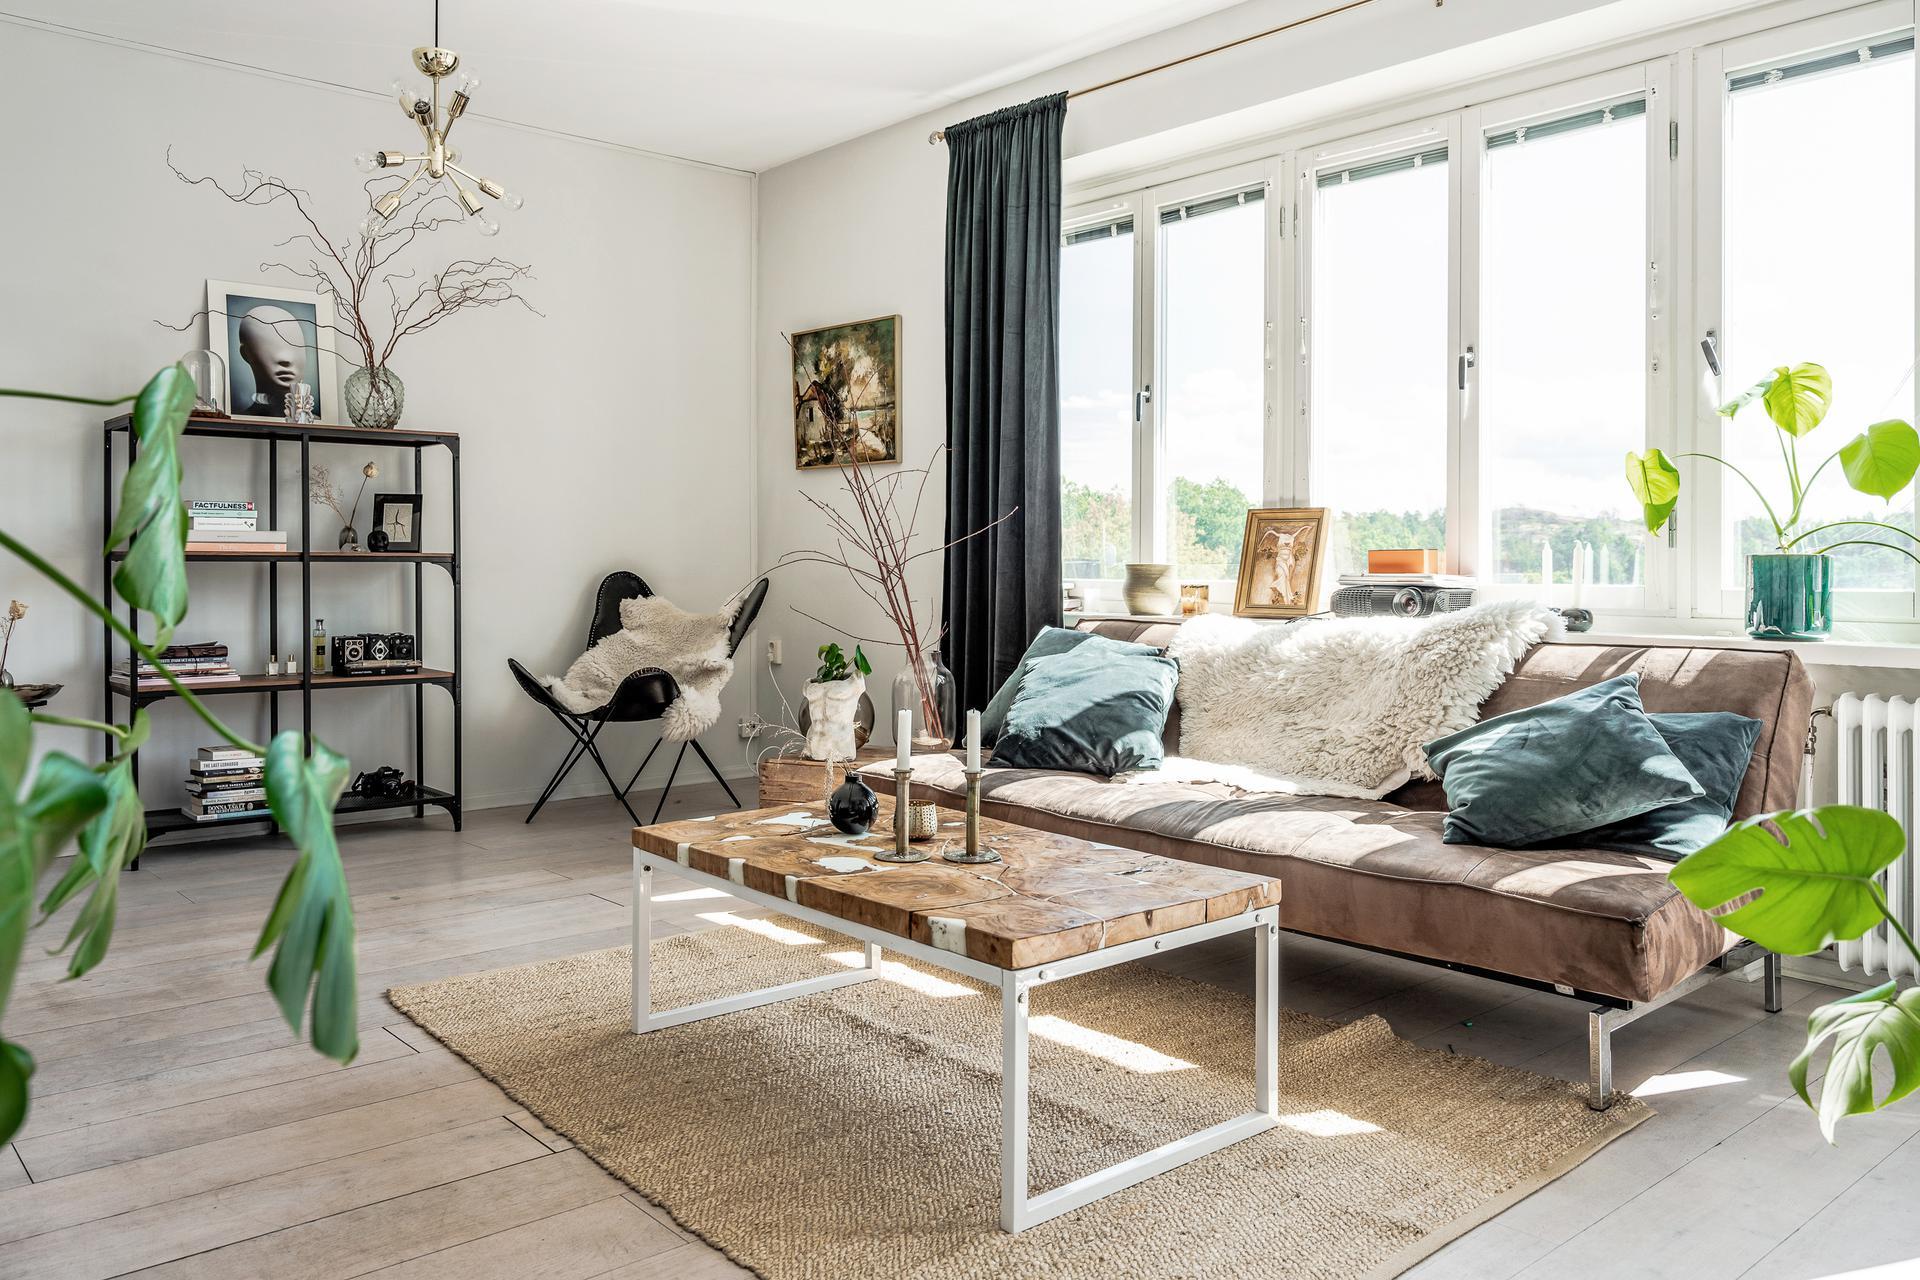 Öppet och ljust med vackra golv och fönster